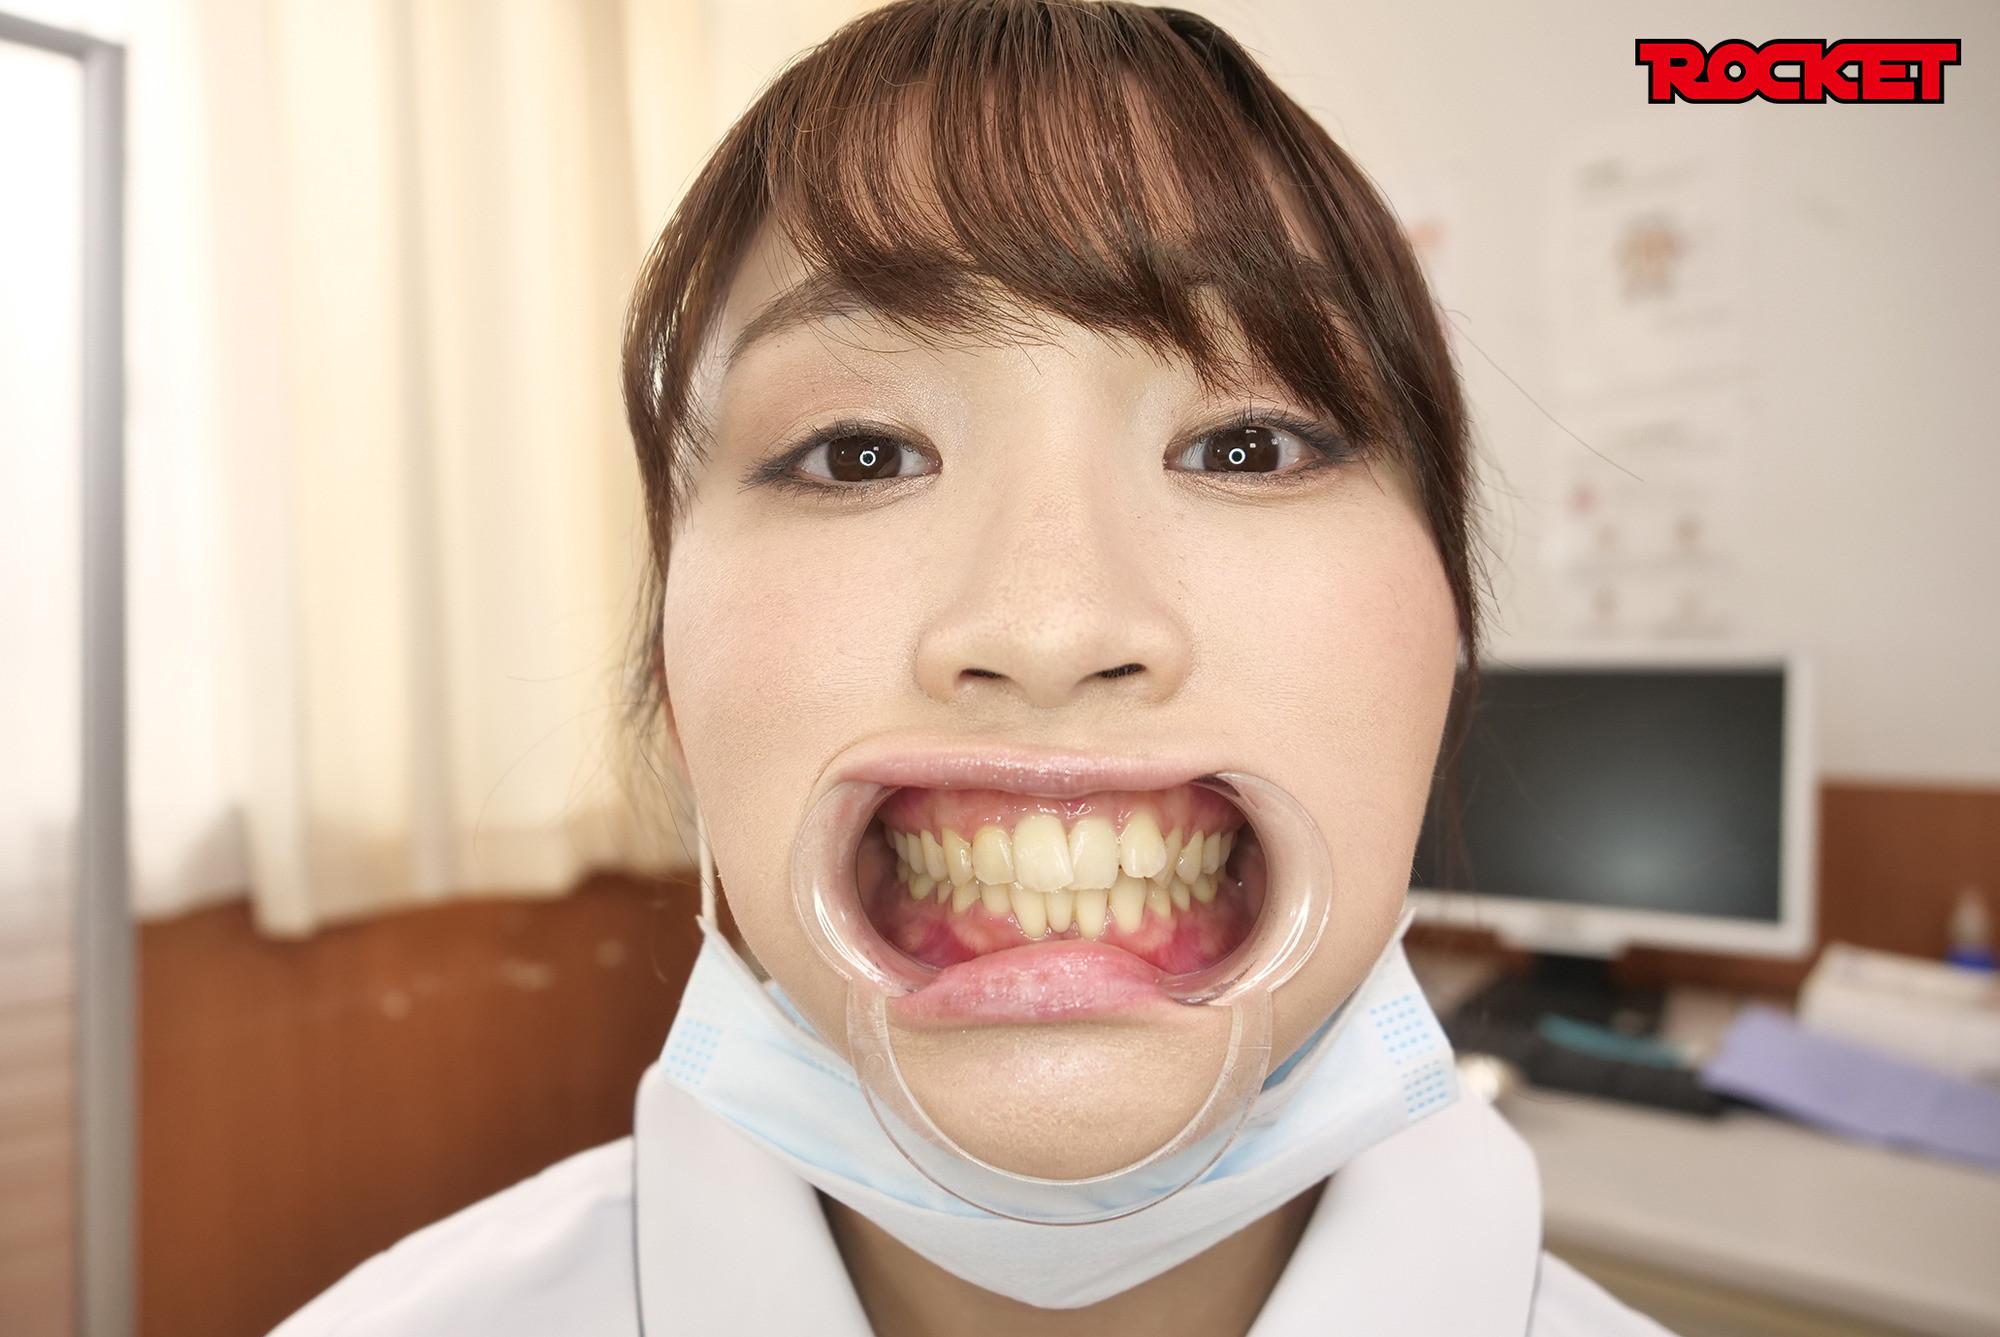 ディープキスレズ歯科クリニック 野々宮みさと 画像7